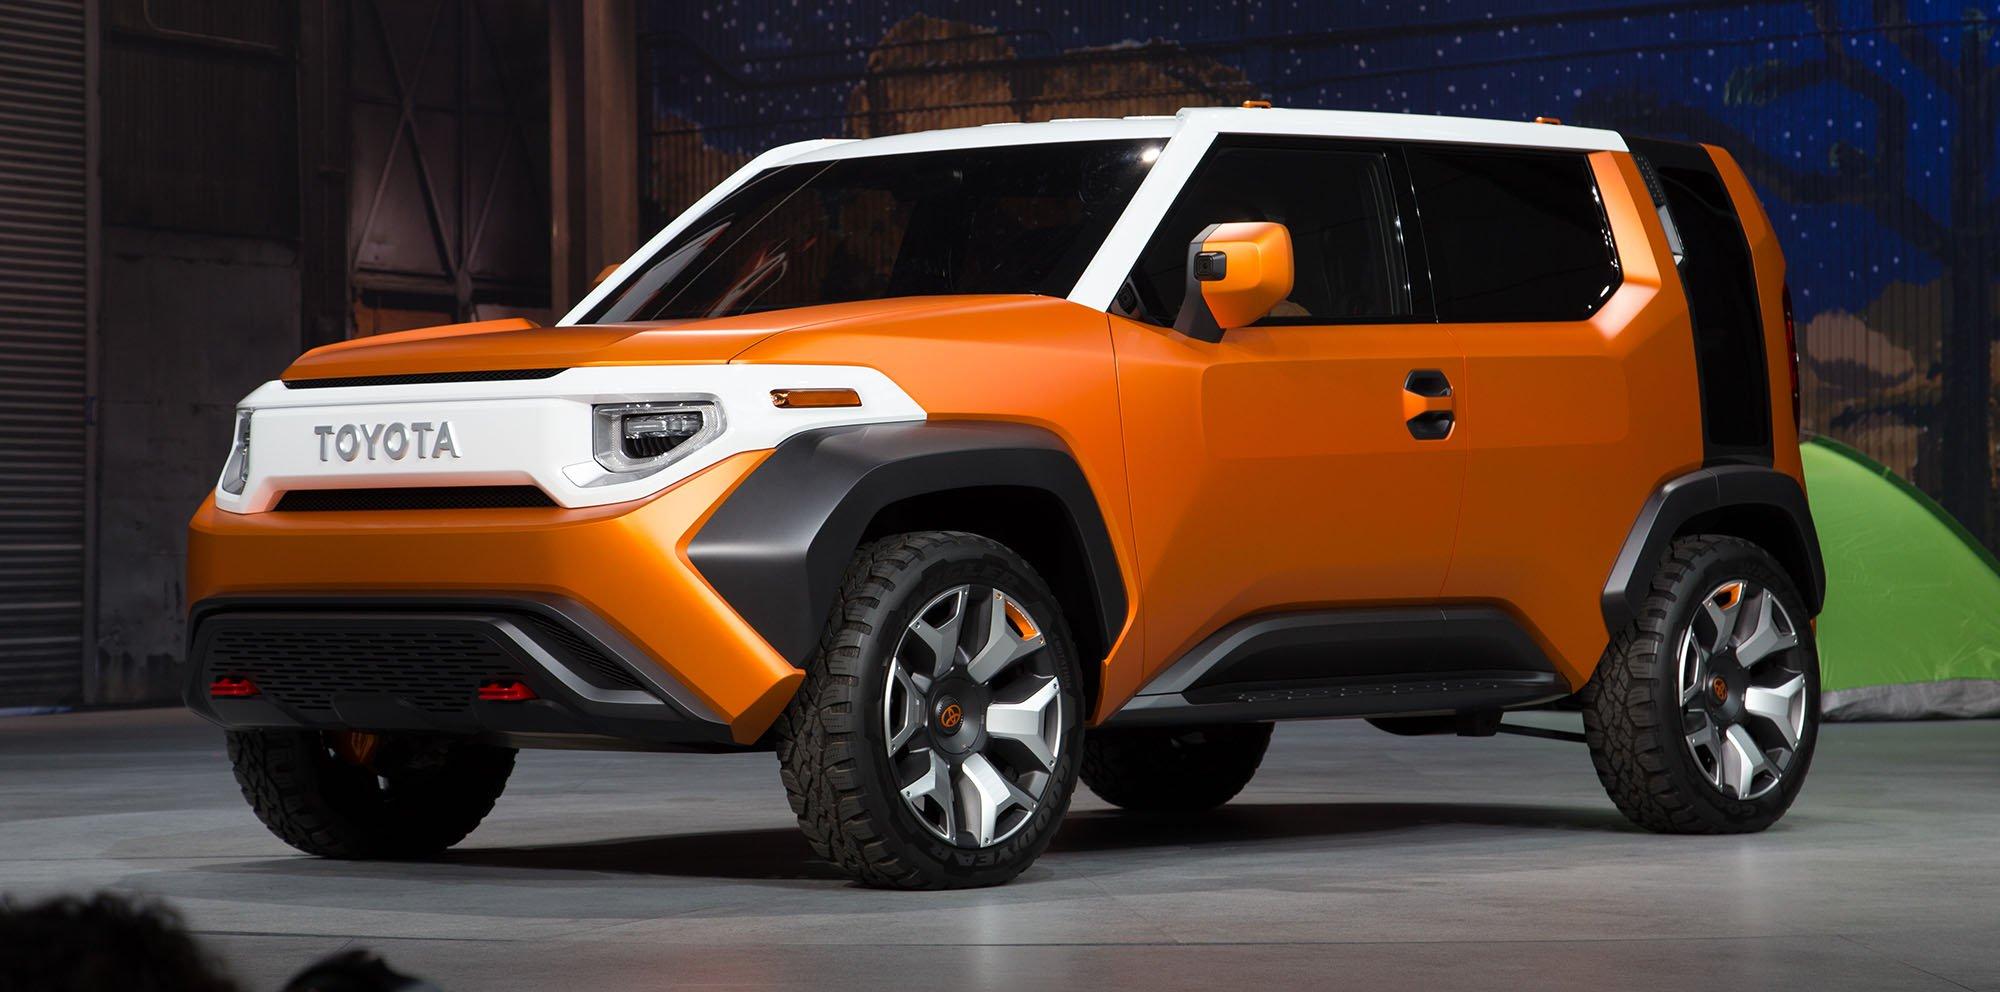 Kekurangan Toyota Ft Review